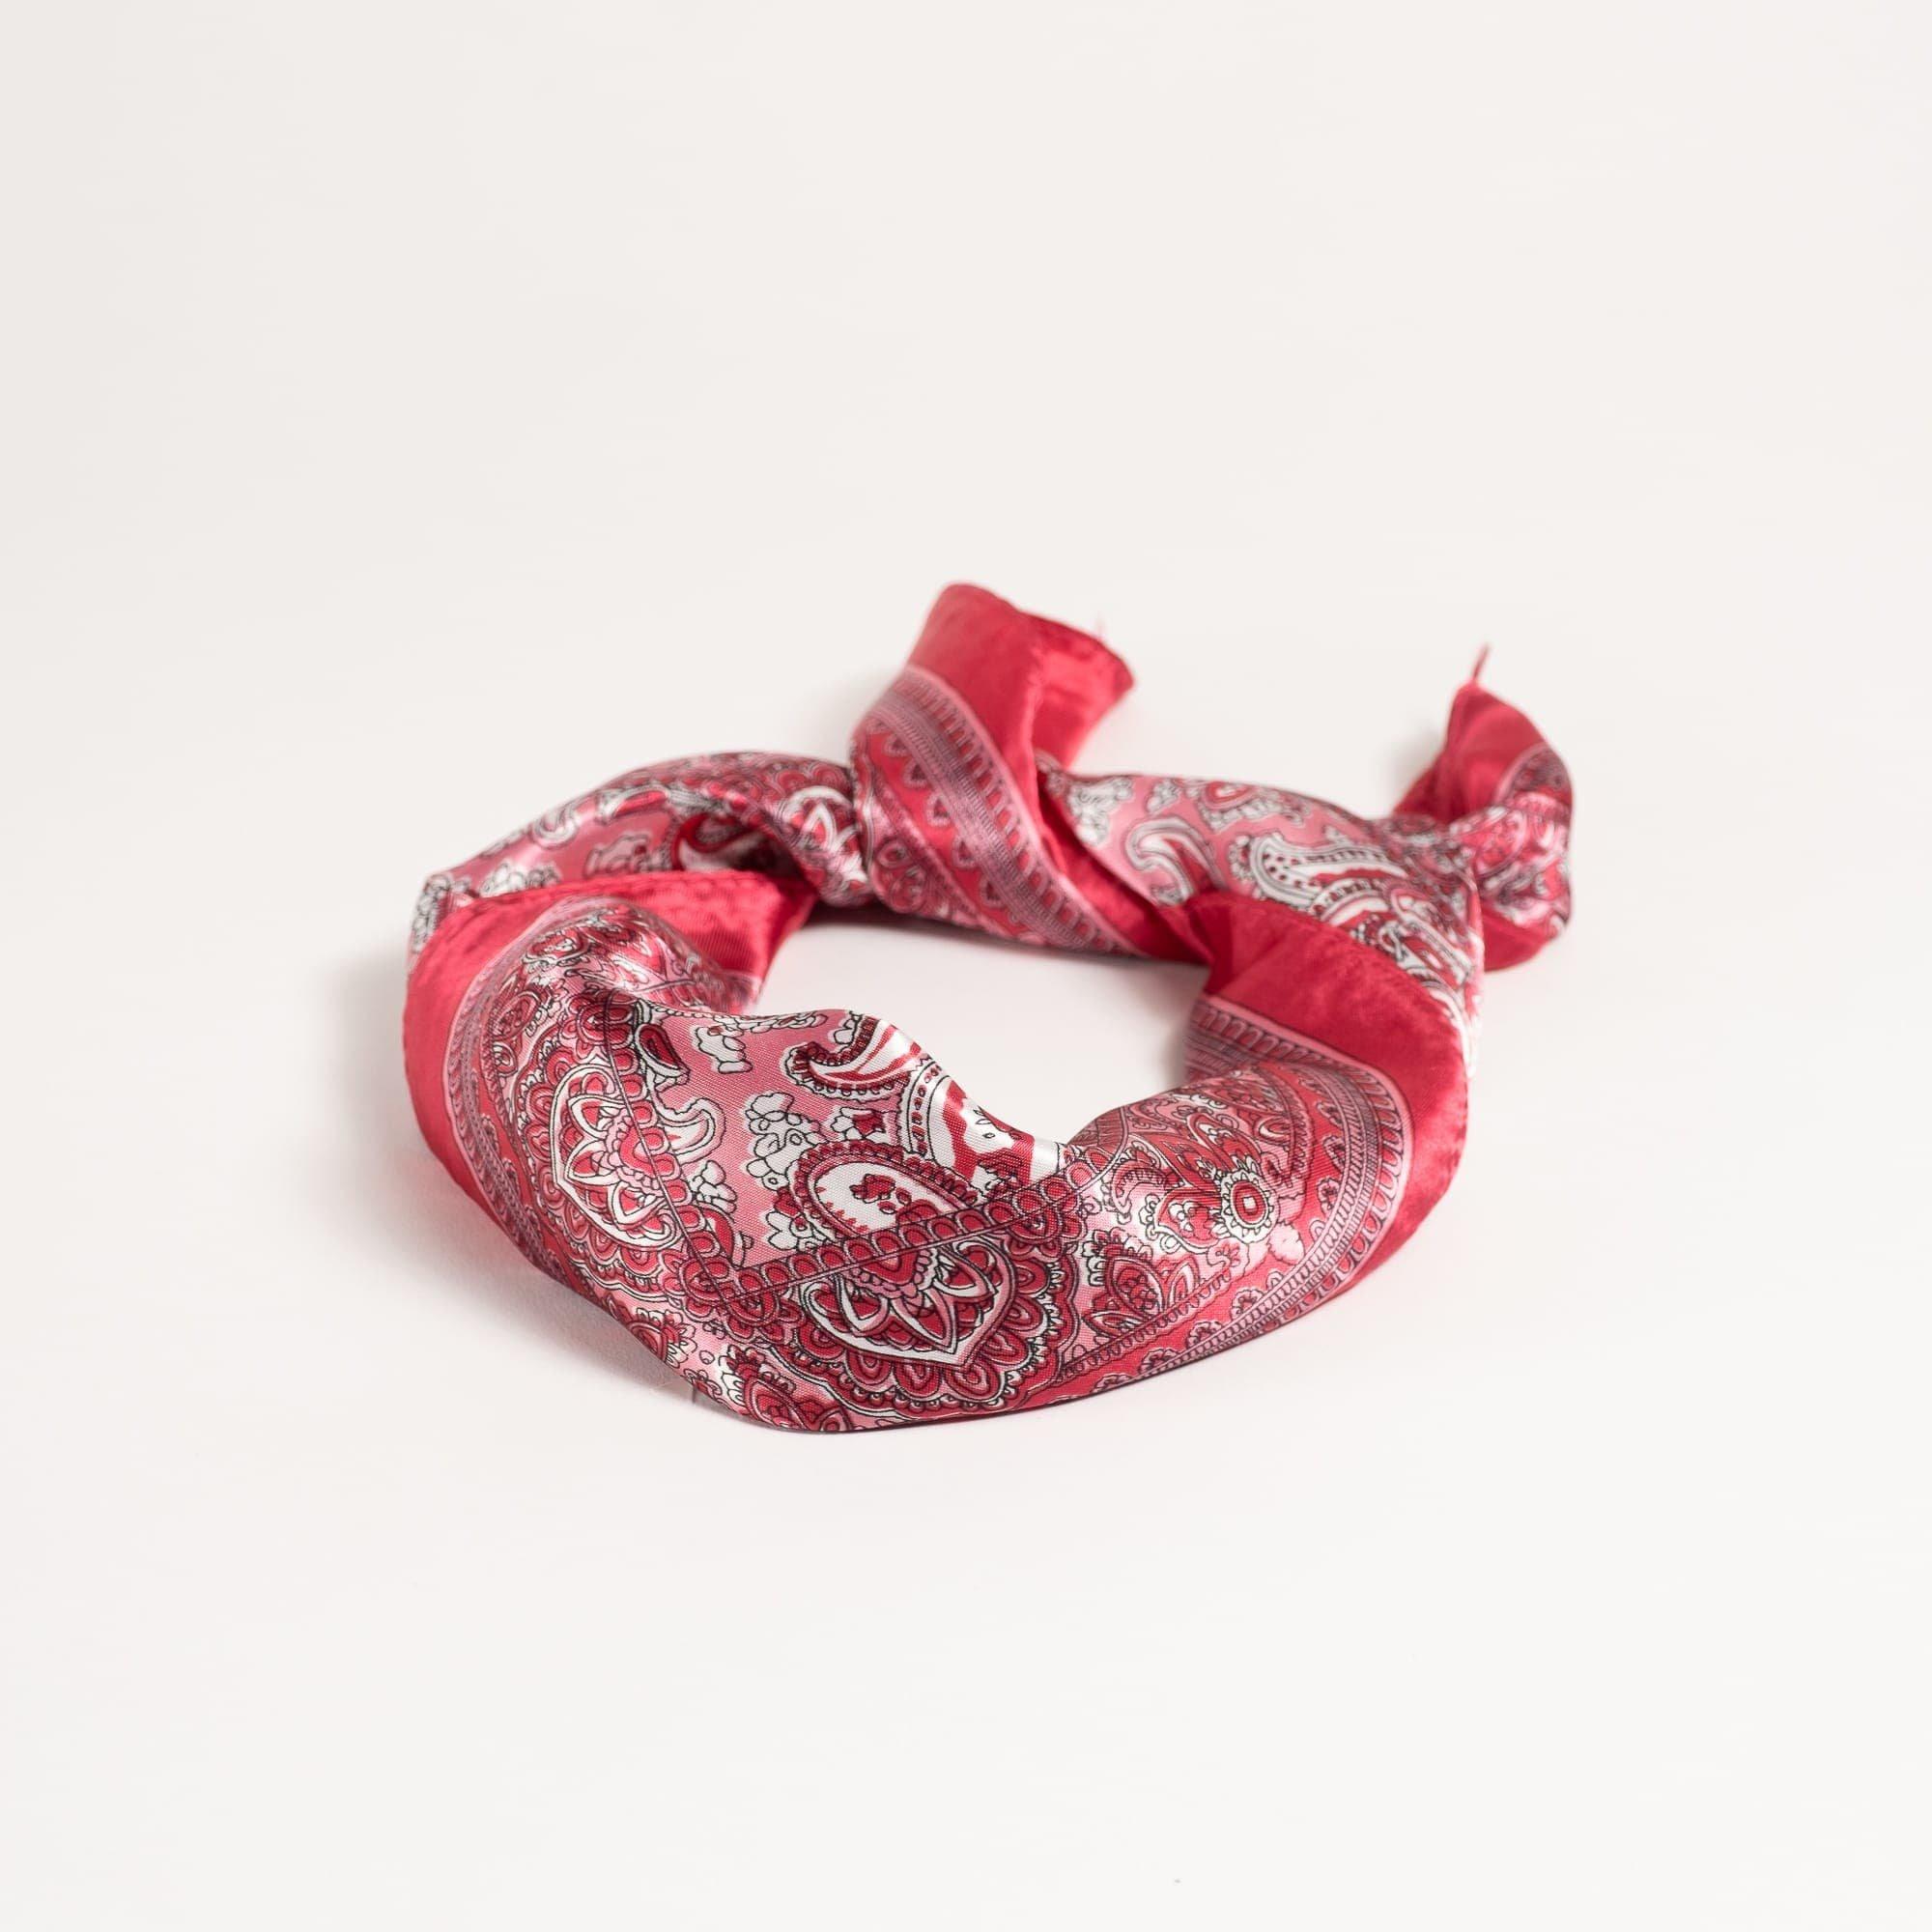 Červený šátek Paisley